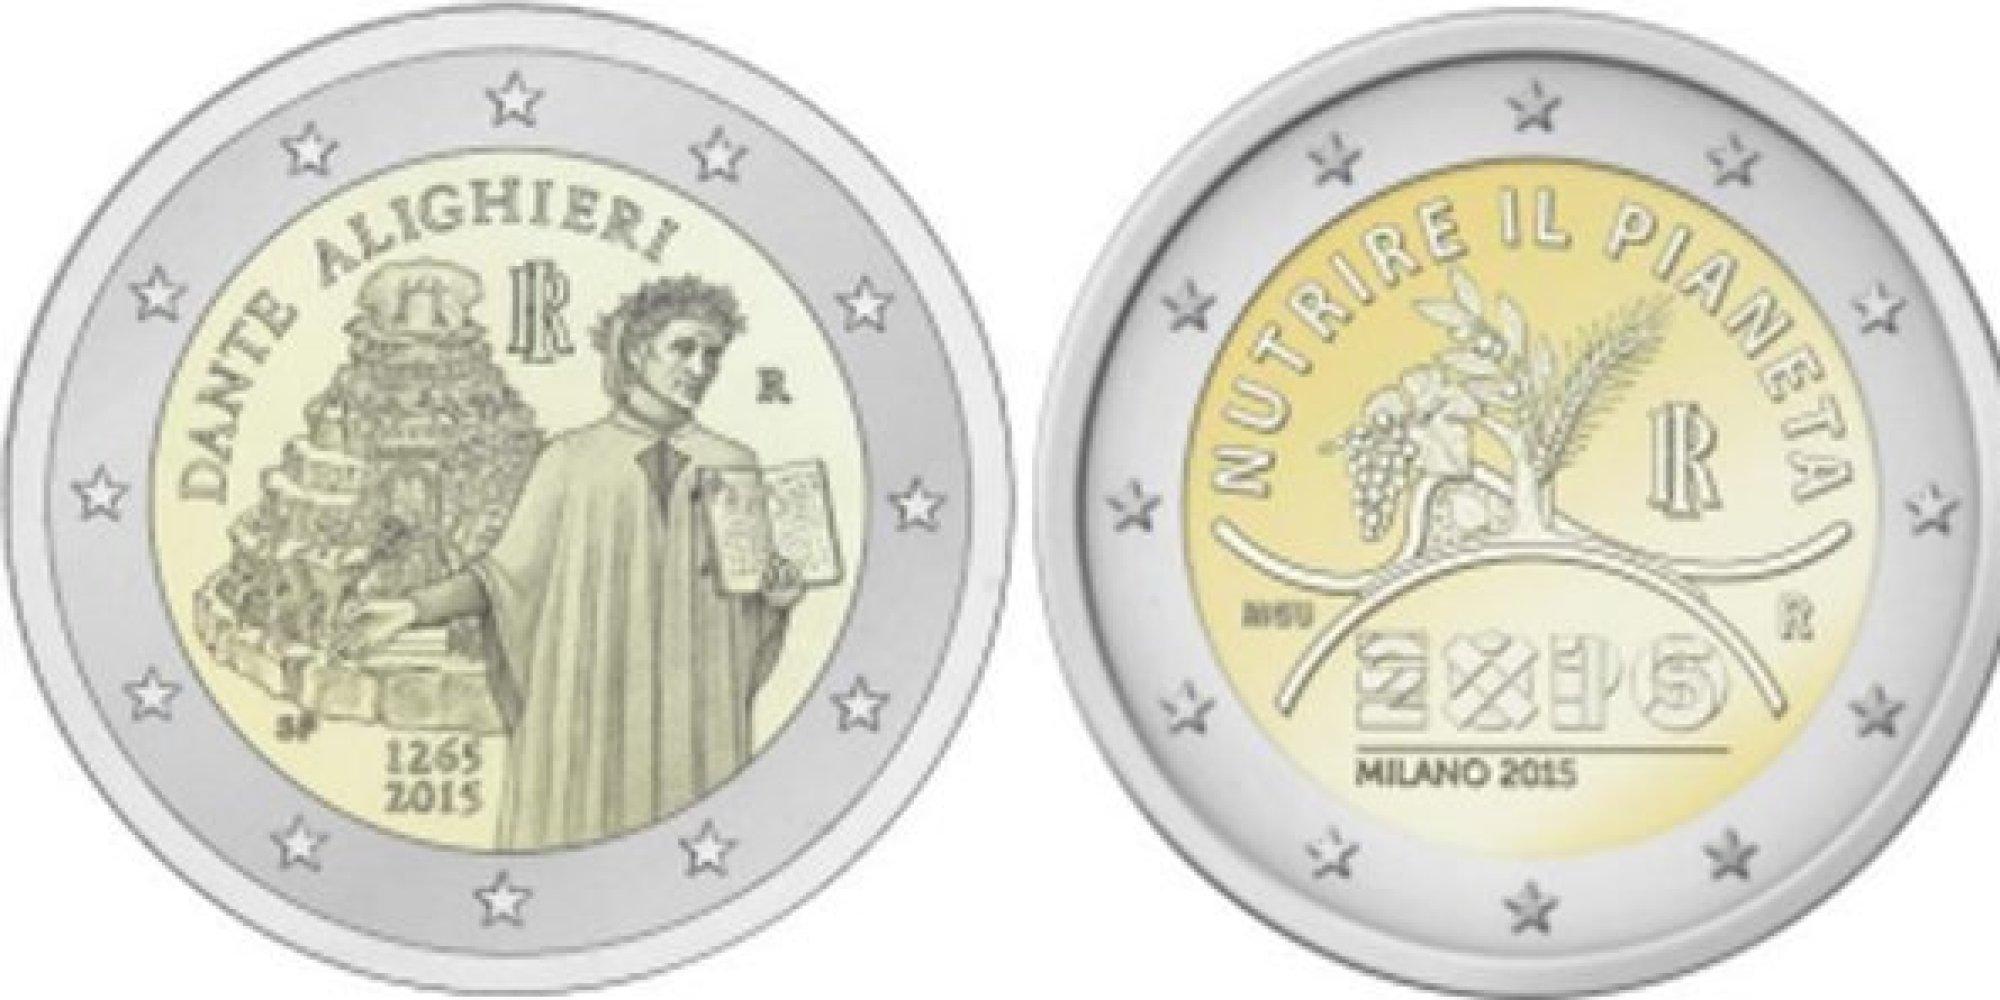 Monete da 2 Euro Valore le Monete da 2 Euro